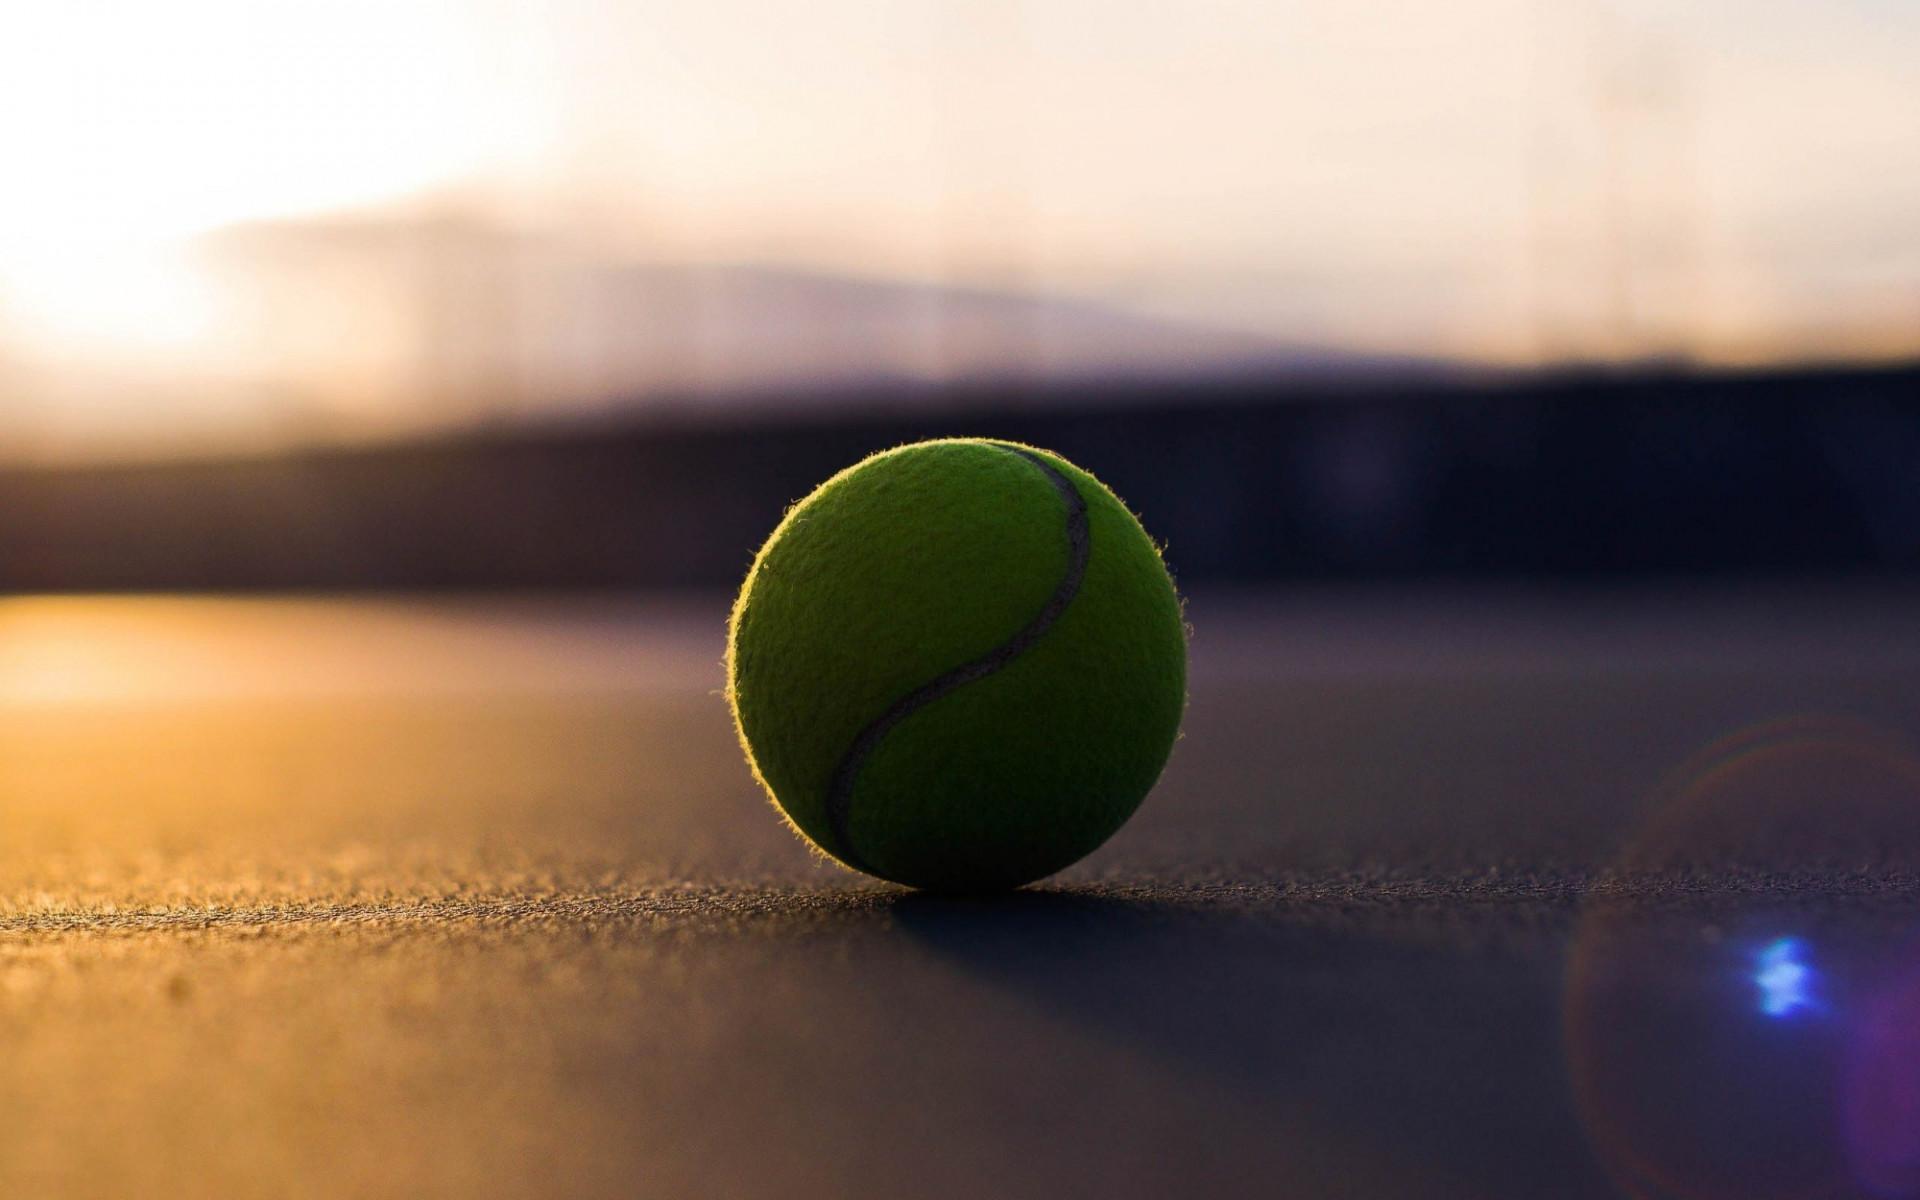 Матчи Кубка Федерации с участием команды Казахстана по теннису перенесены